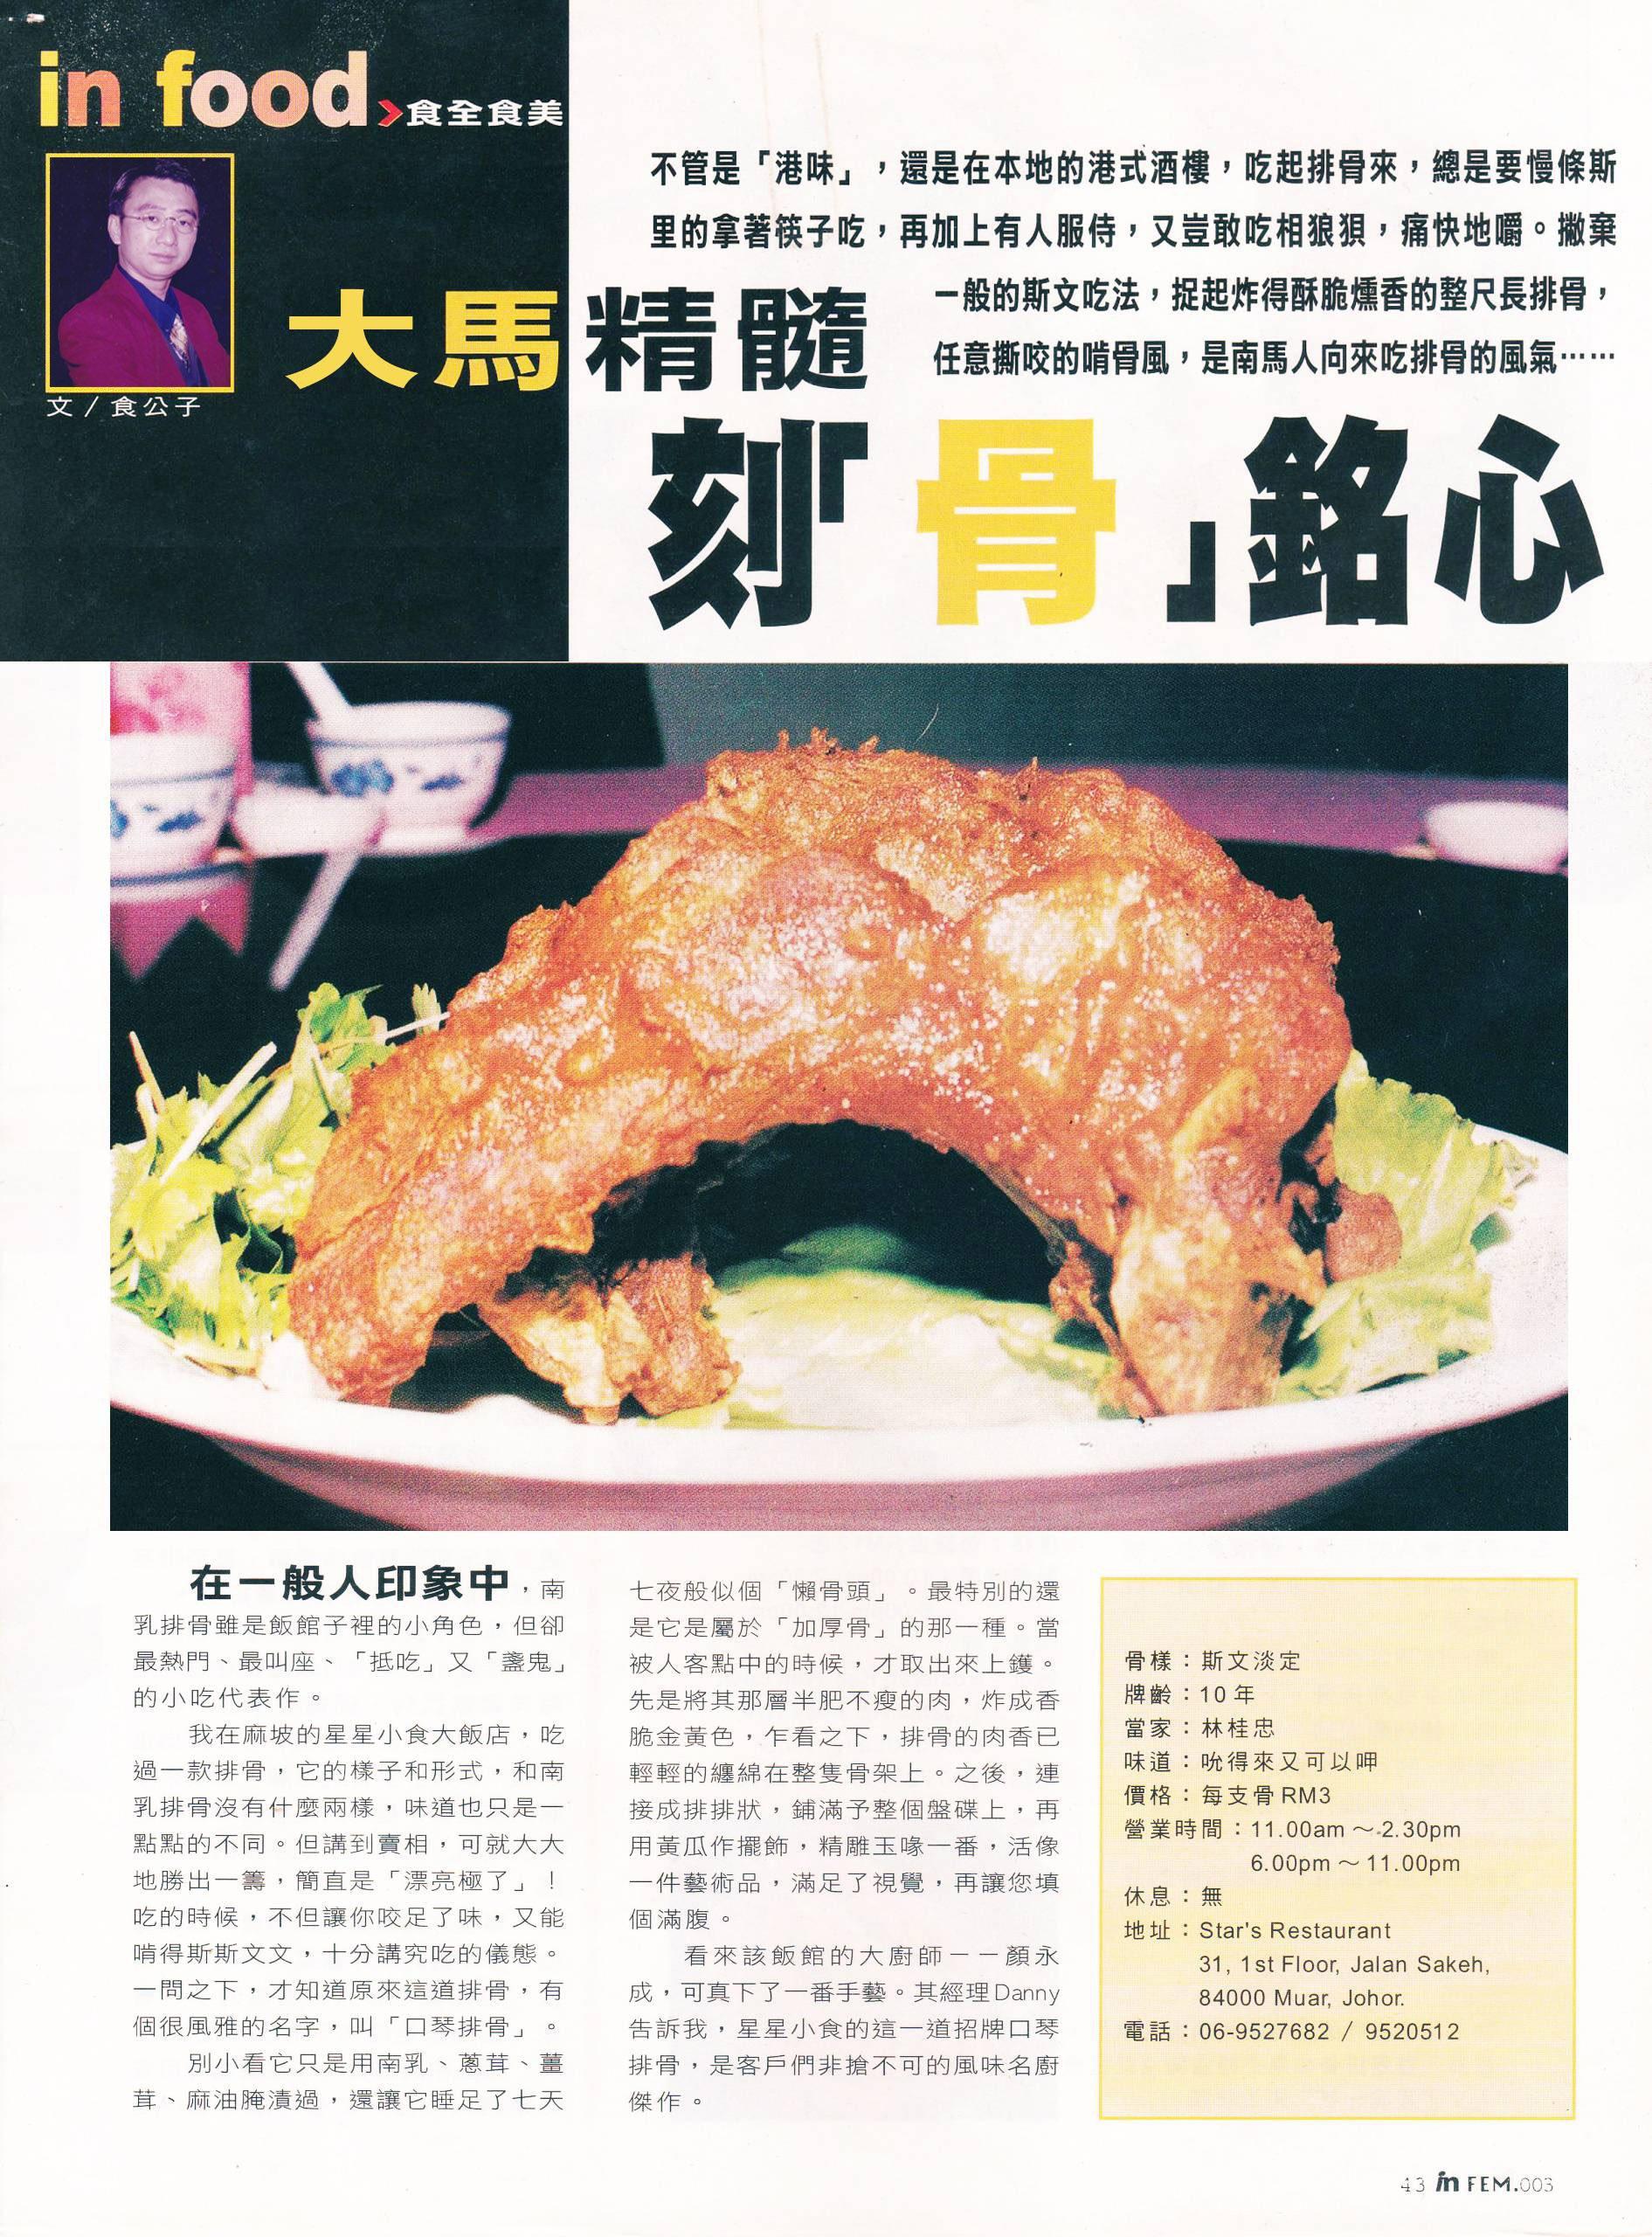 马来西亚美食家鼻祖-于美山-口琴排骨